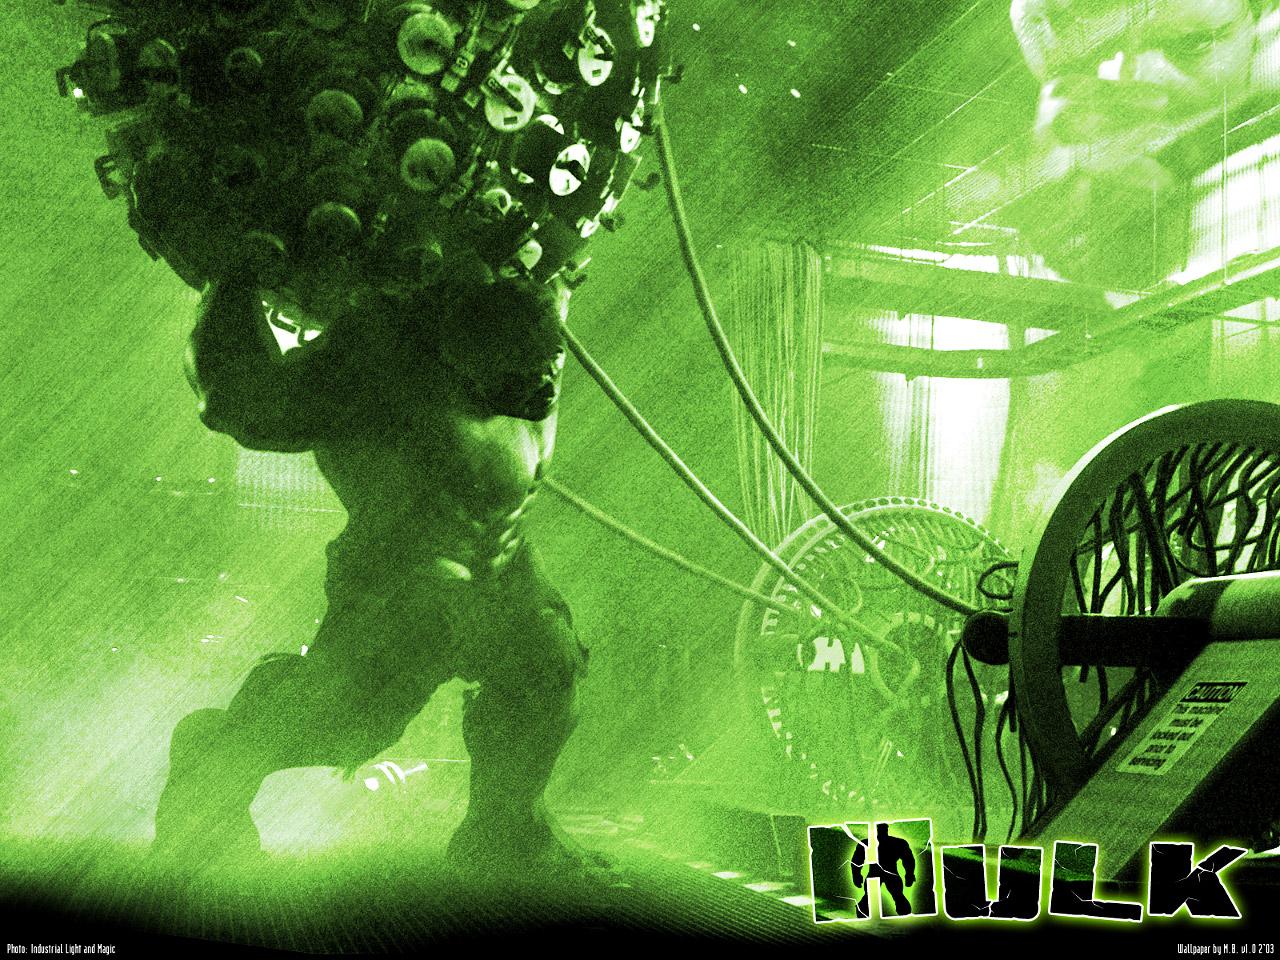 de Hulk Fondos de pantalla de Fondos de escritorio de Hulk 1280x960